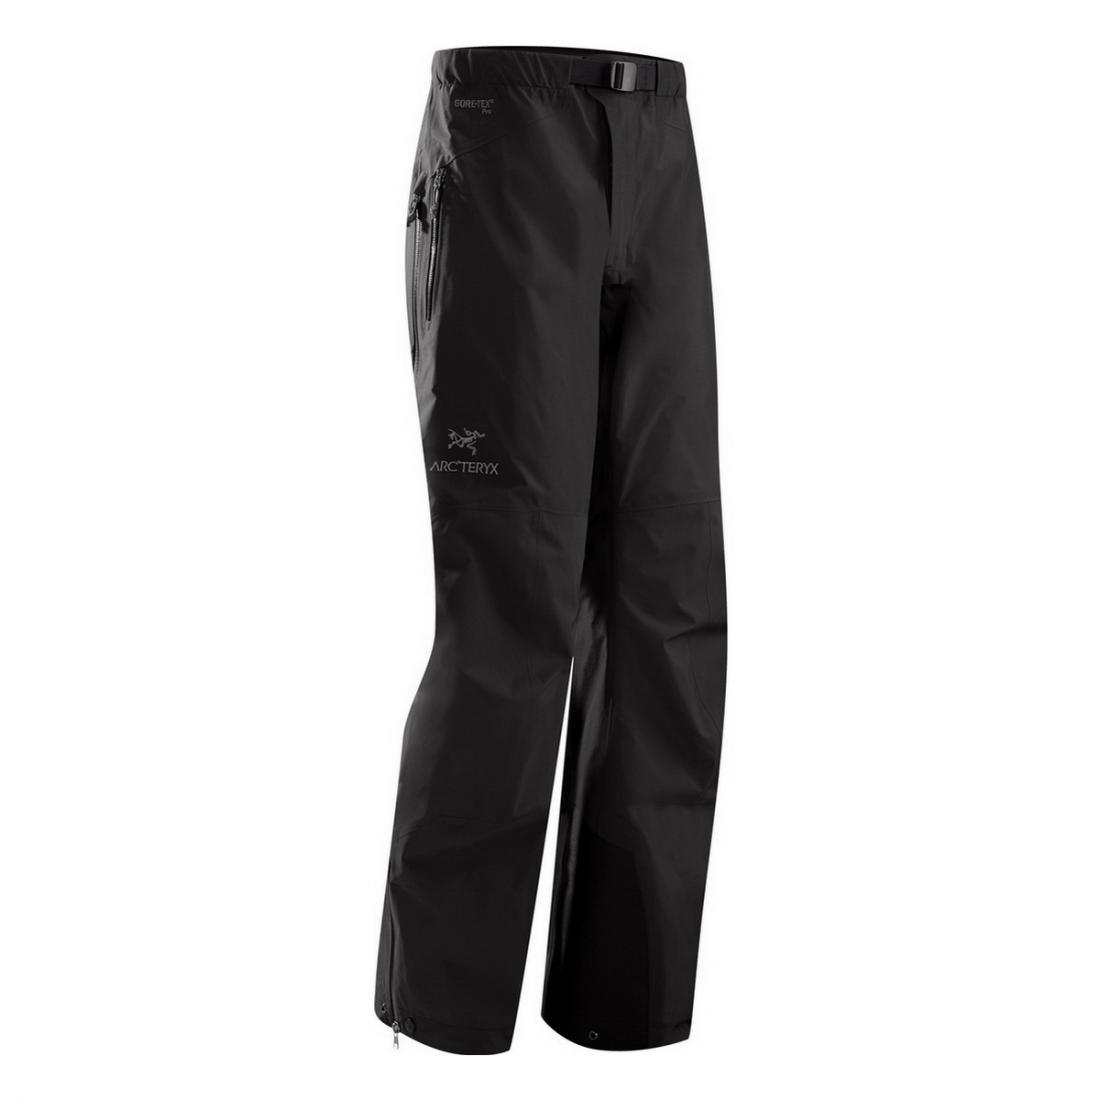 Брюки Beta AR Pant жен.Брюки, штаны<br><br> Женские брюки Arcteryx Beta AR – оптимальный выбор для занятий спортом и отдыха. Удобные, прочные и практичные, они защищают от непогоды и дарят комфорт во время использования. Благодаря анатомической форме, разработанной с учетом особенностей жен...<br><br>Цвет: Черный<br>Размер: M